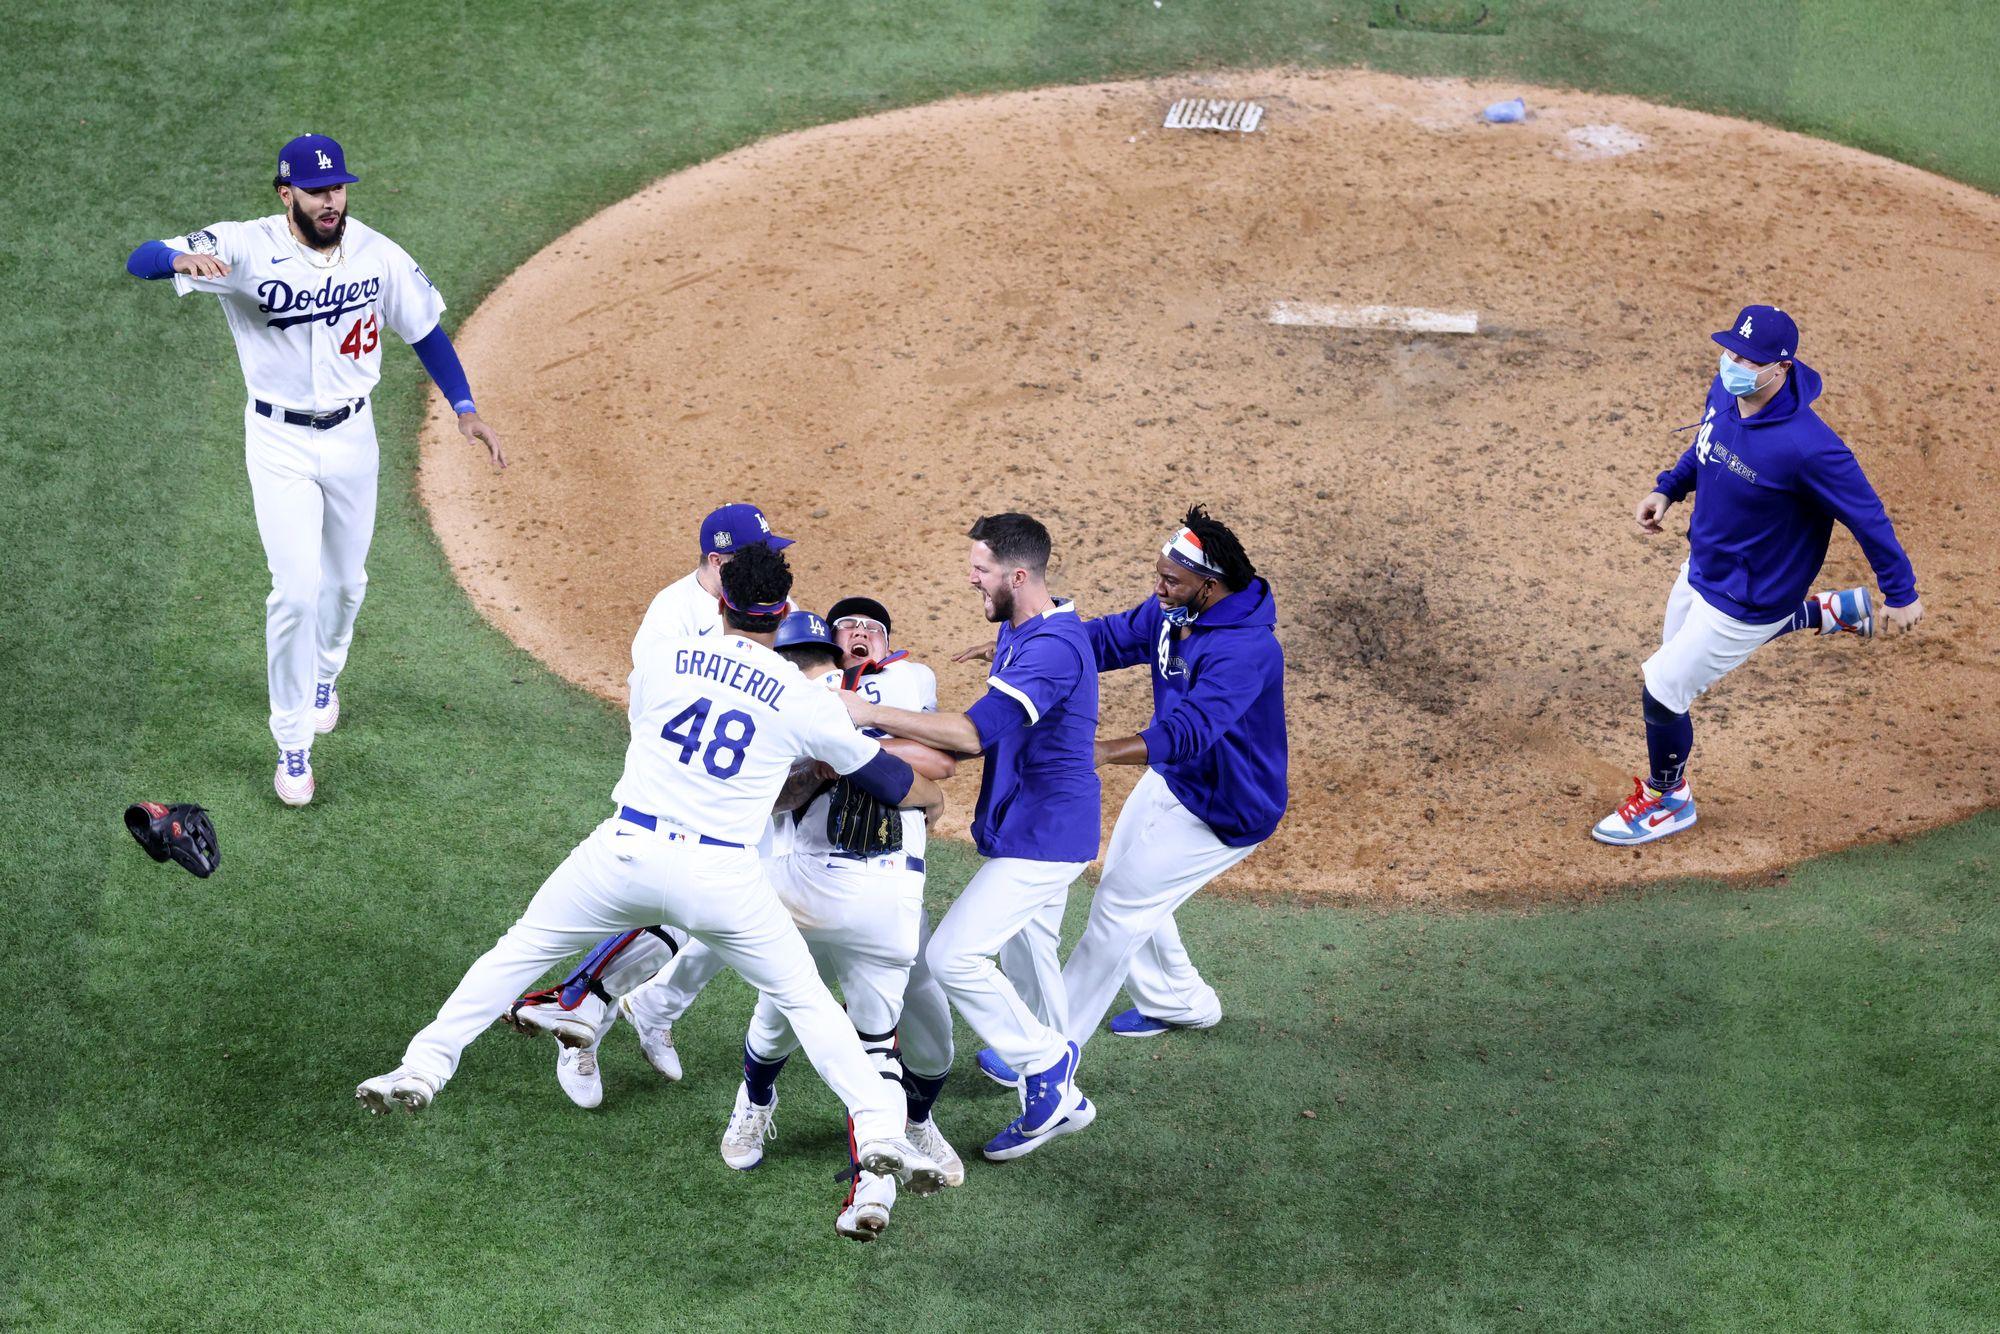 Baseball: les Dodgers remportent enfin les World Series, 32 ans après